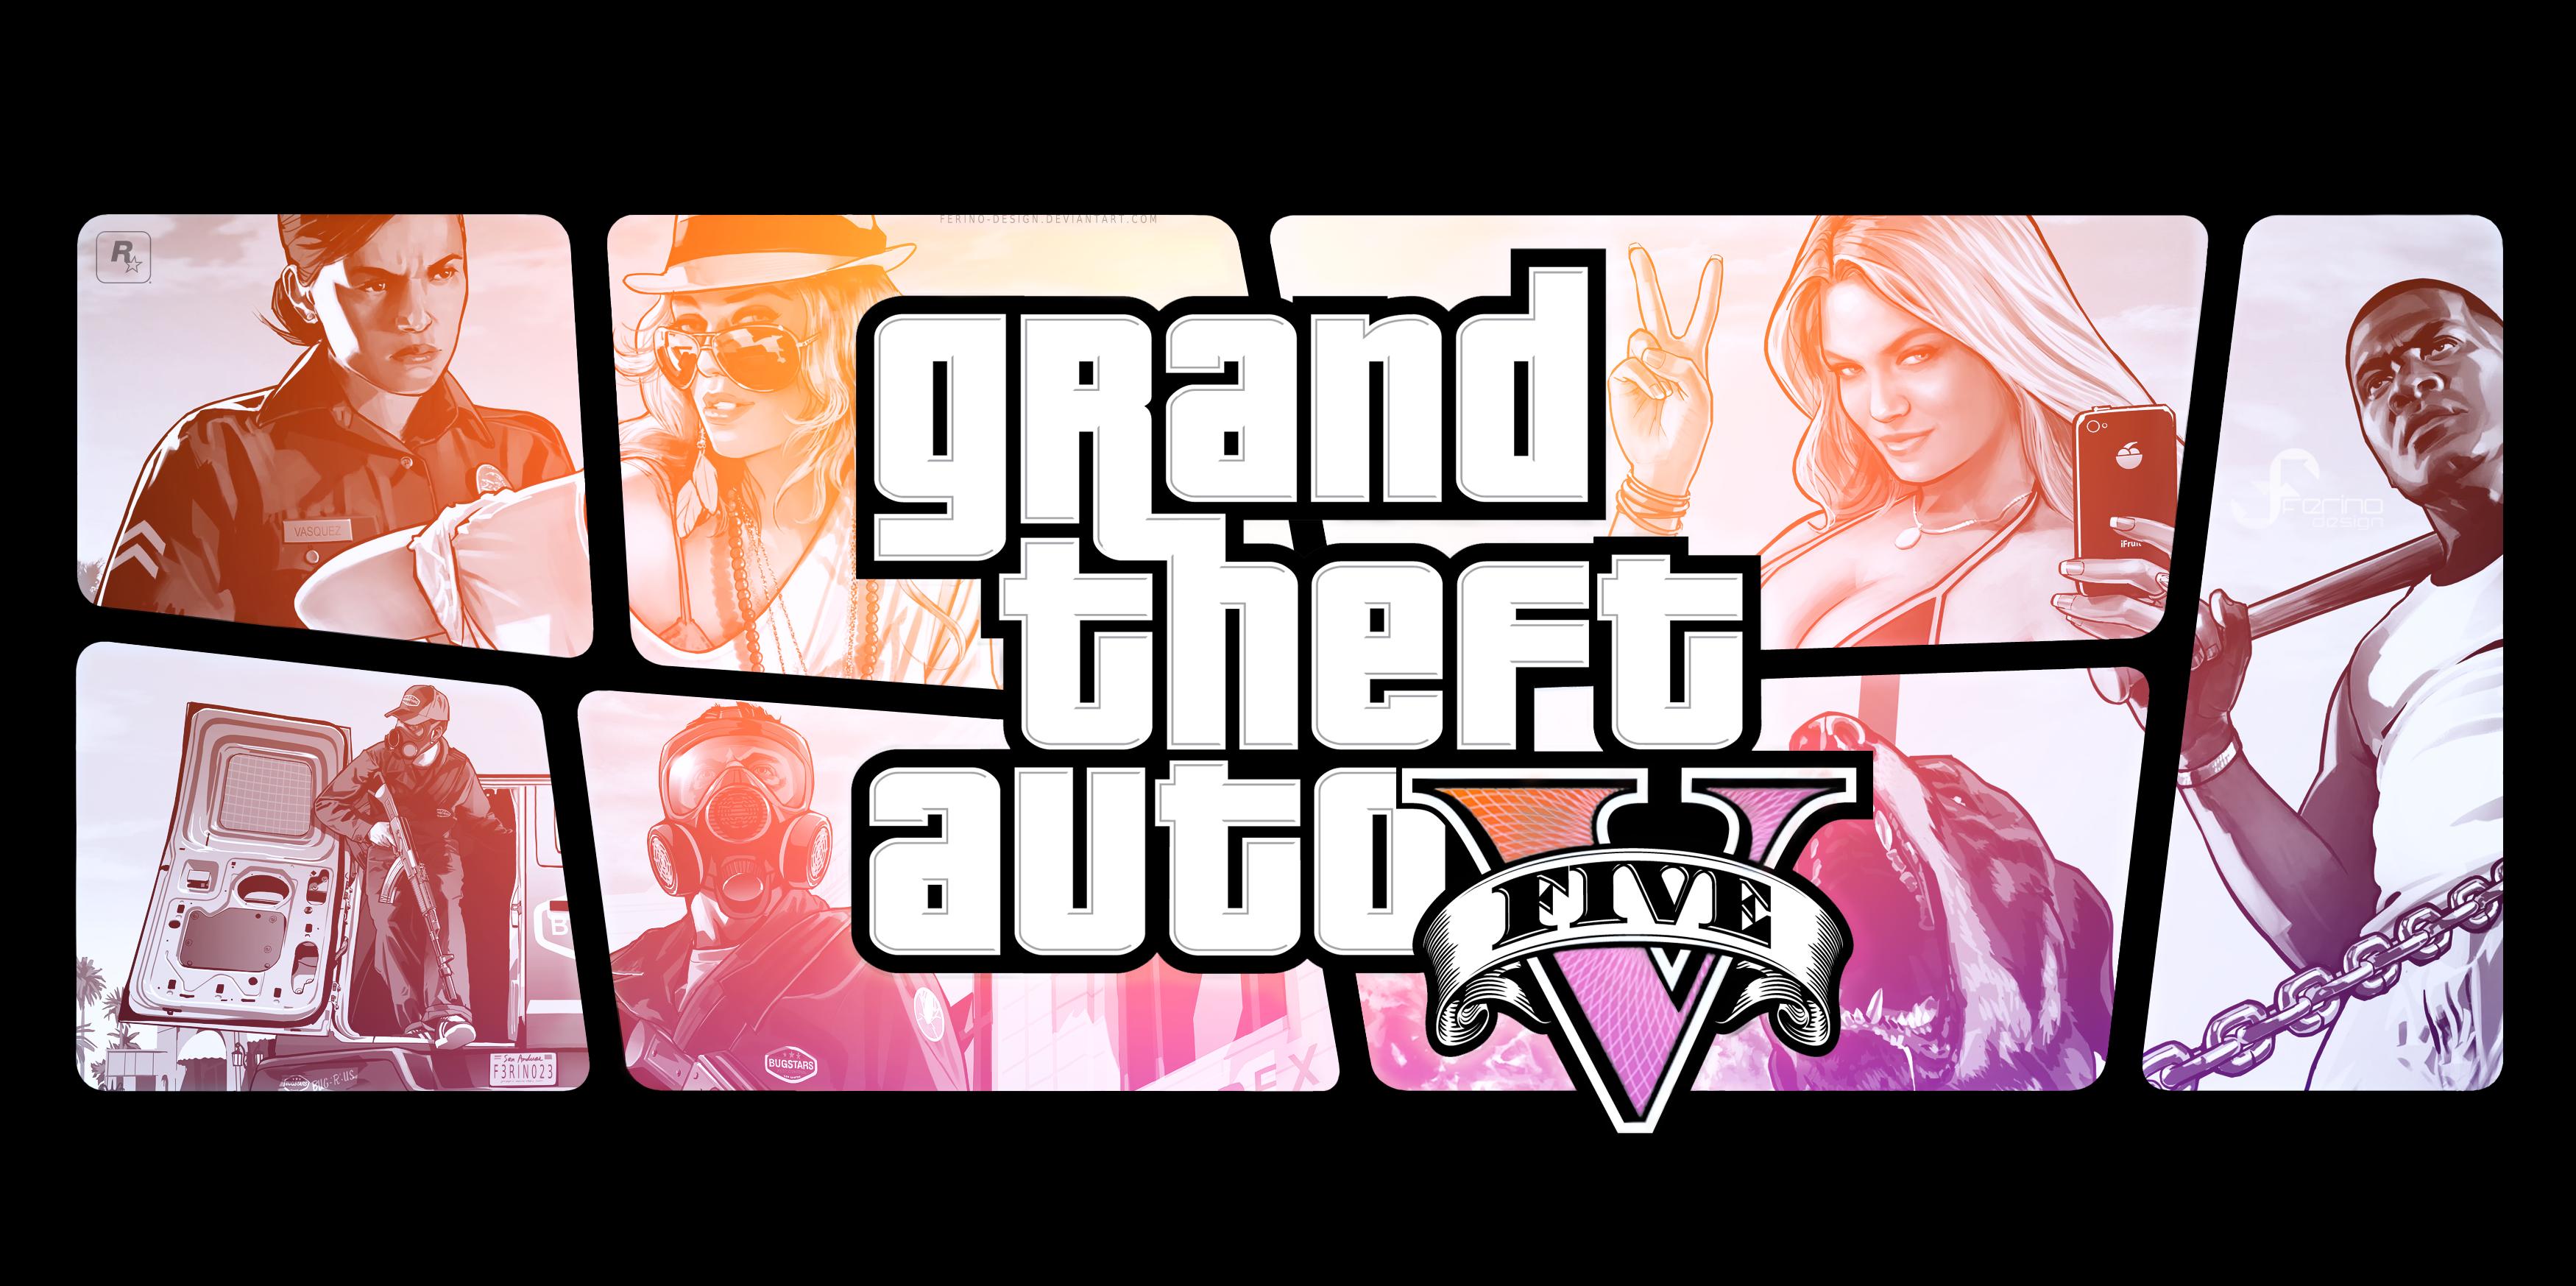 Liberty City Survivor GTA V Wallpapers 3500x1747